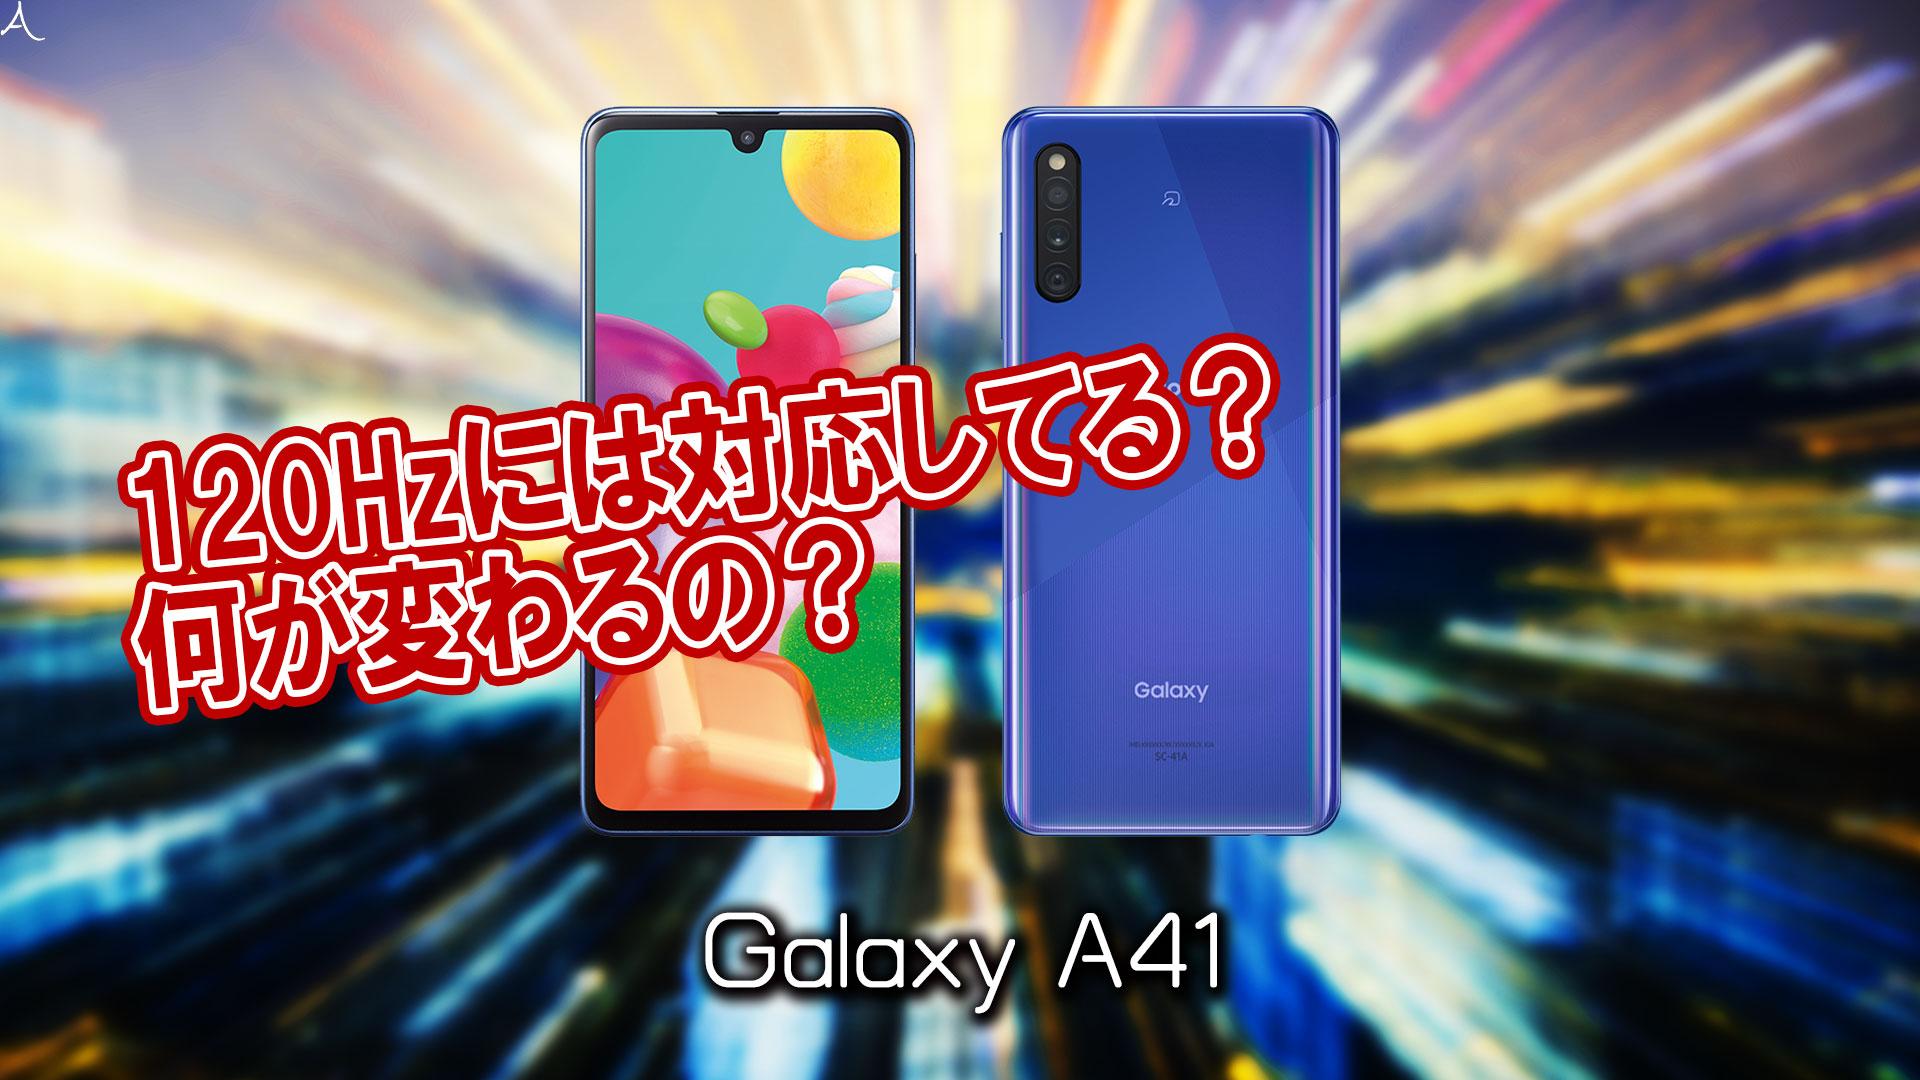 「Galaxy A41」のリフレッシュレートはいくつ?120Hzには対応してる?